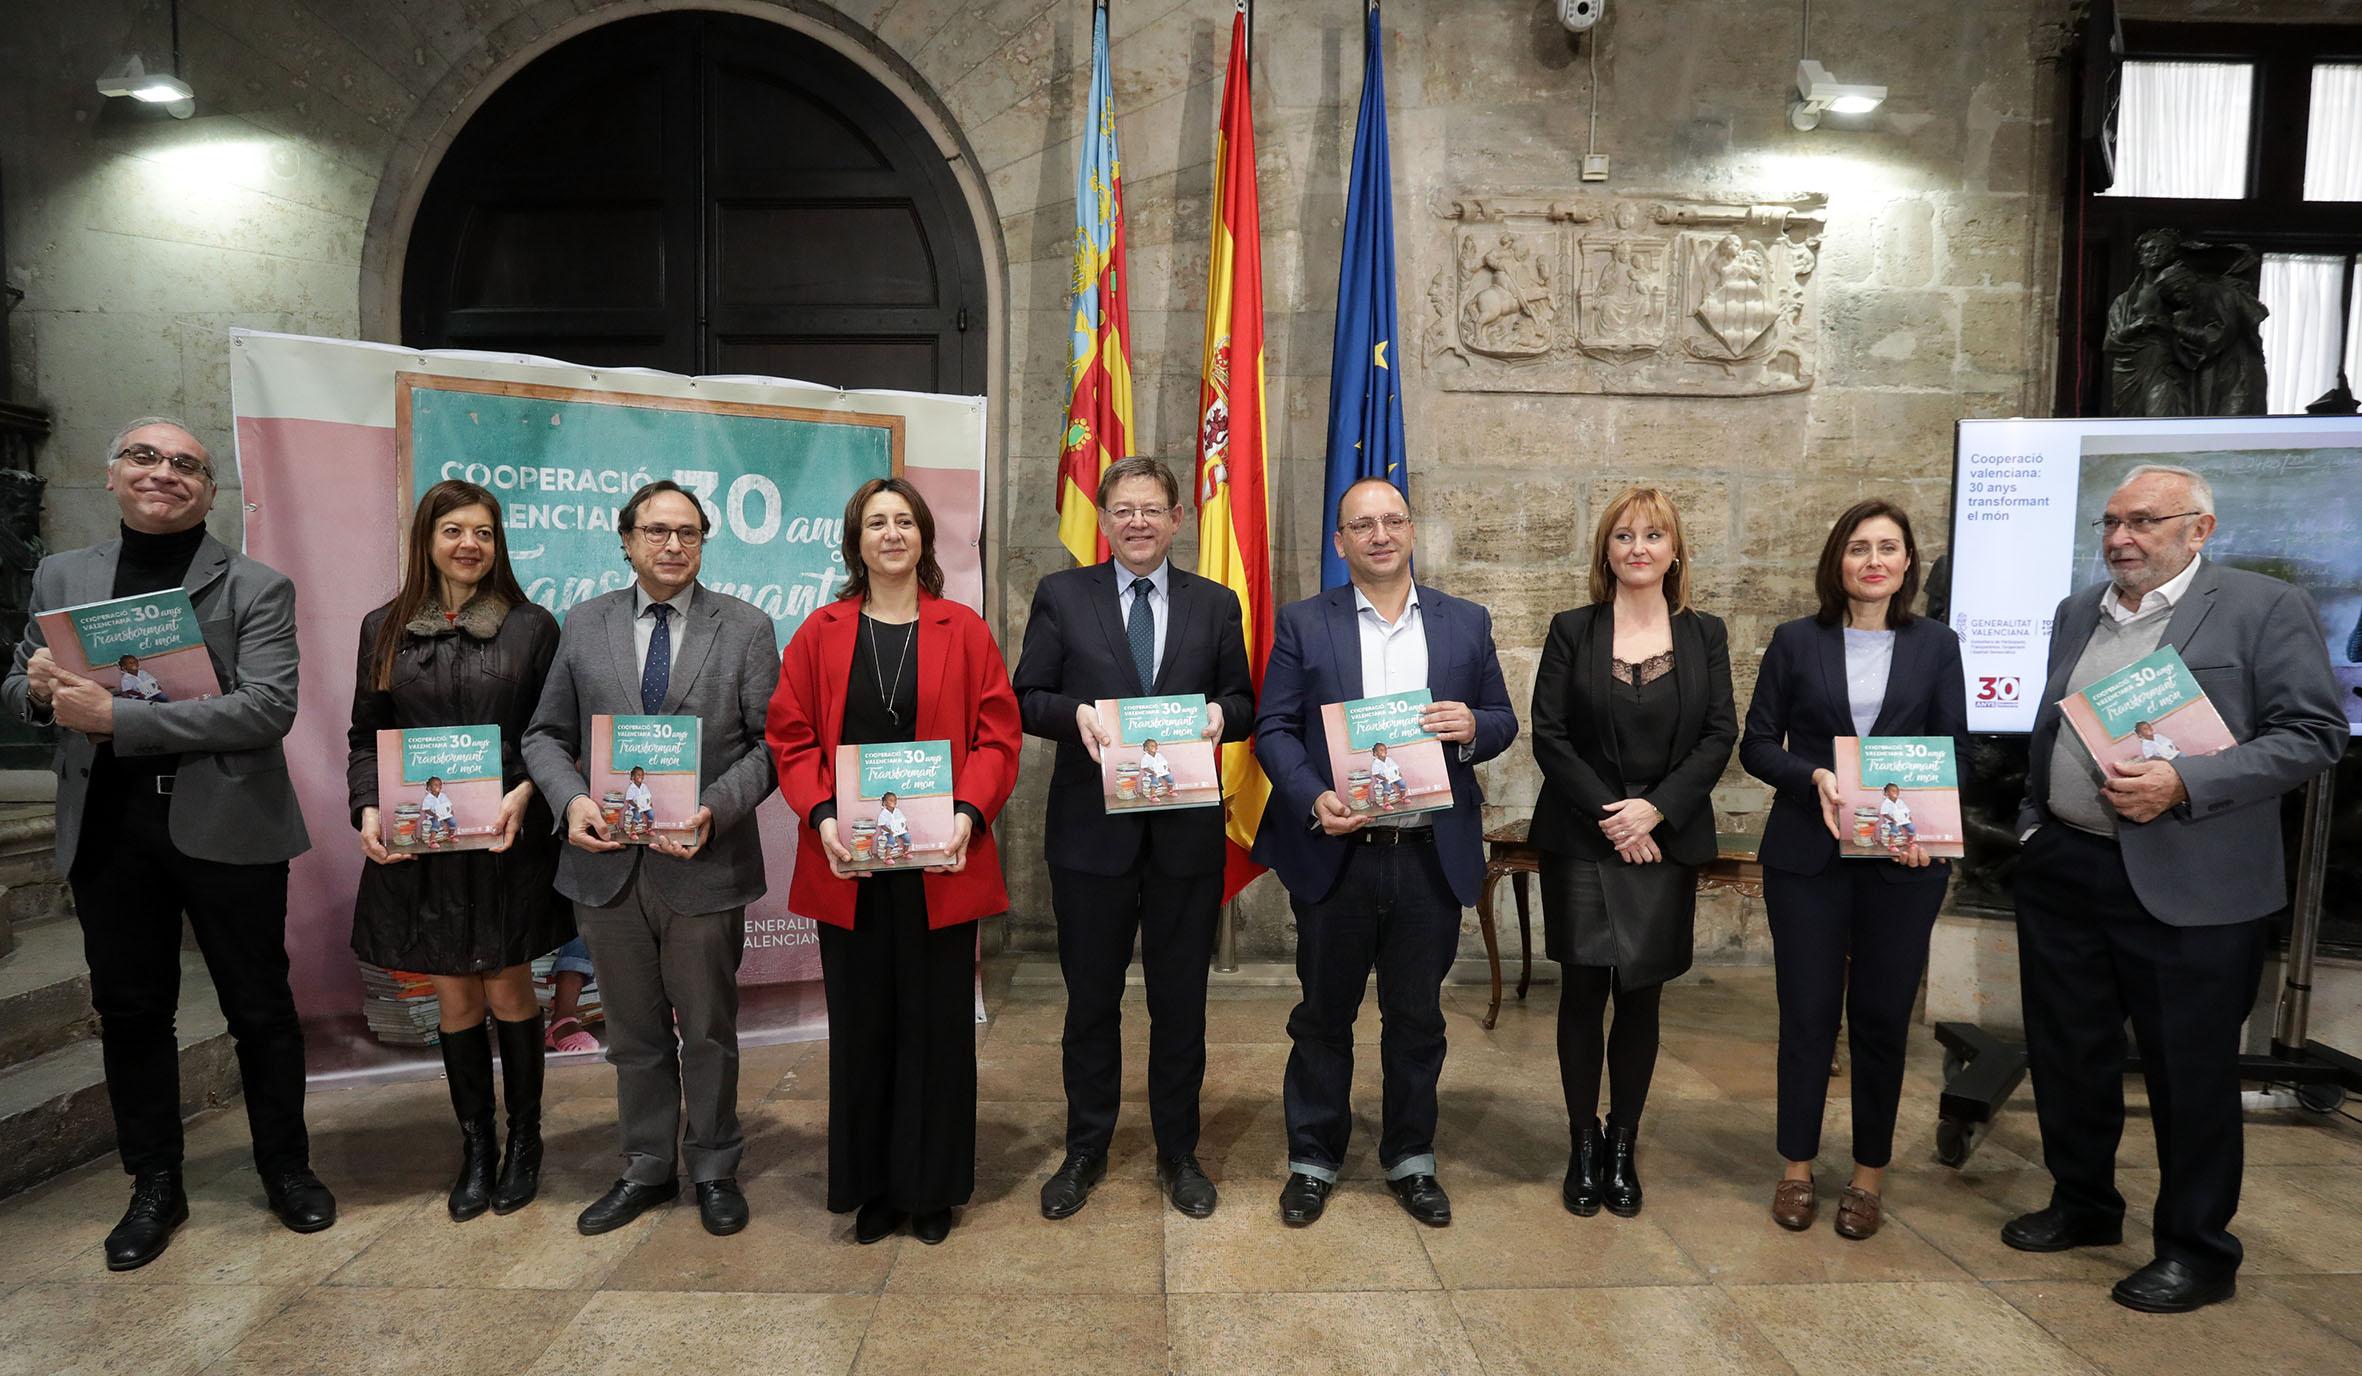 """Ximo Puig: """"Nuestro Gobierno está vinculado desde hace más de 30 años a la solidaridad y no se concibe la sociedad valenciana sin ella"""""""